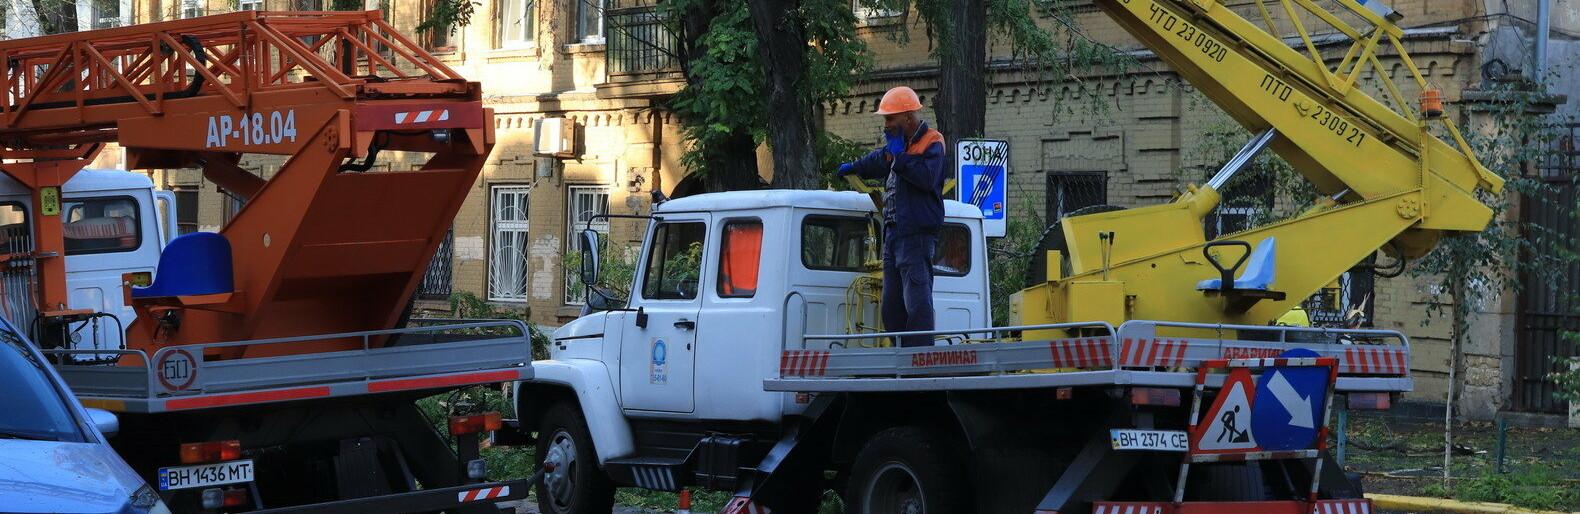 В Одессе упавшее дерево перекрыло движение по улице, - ФОТО, ВИДЕО0